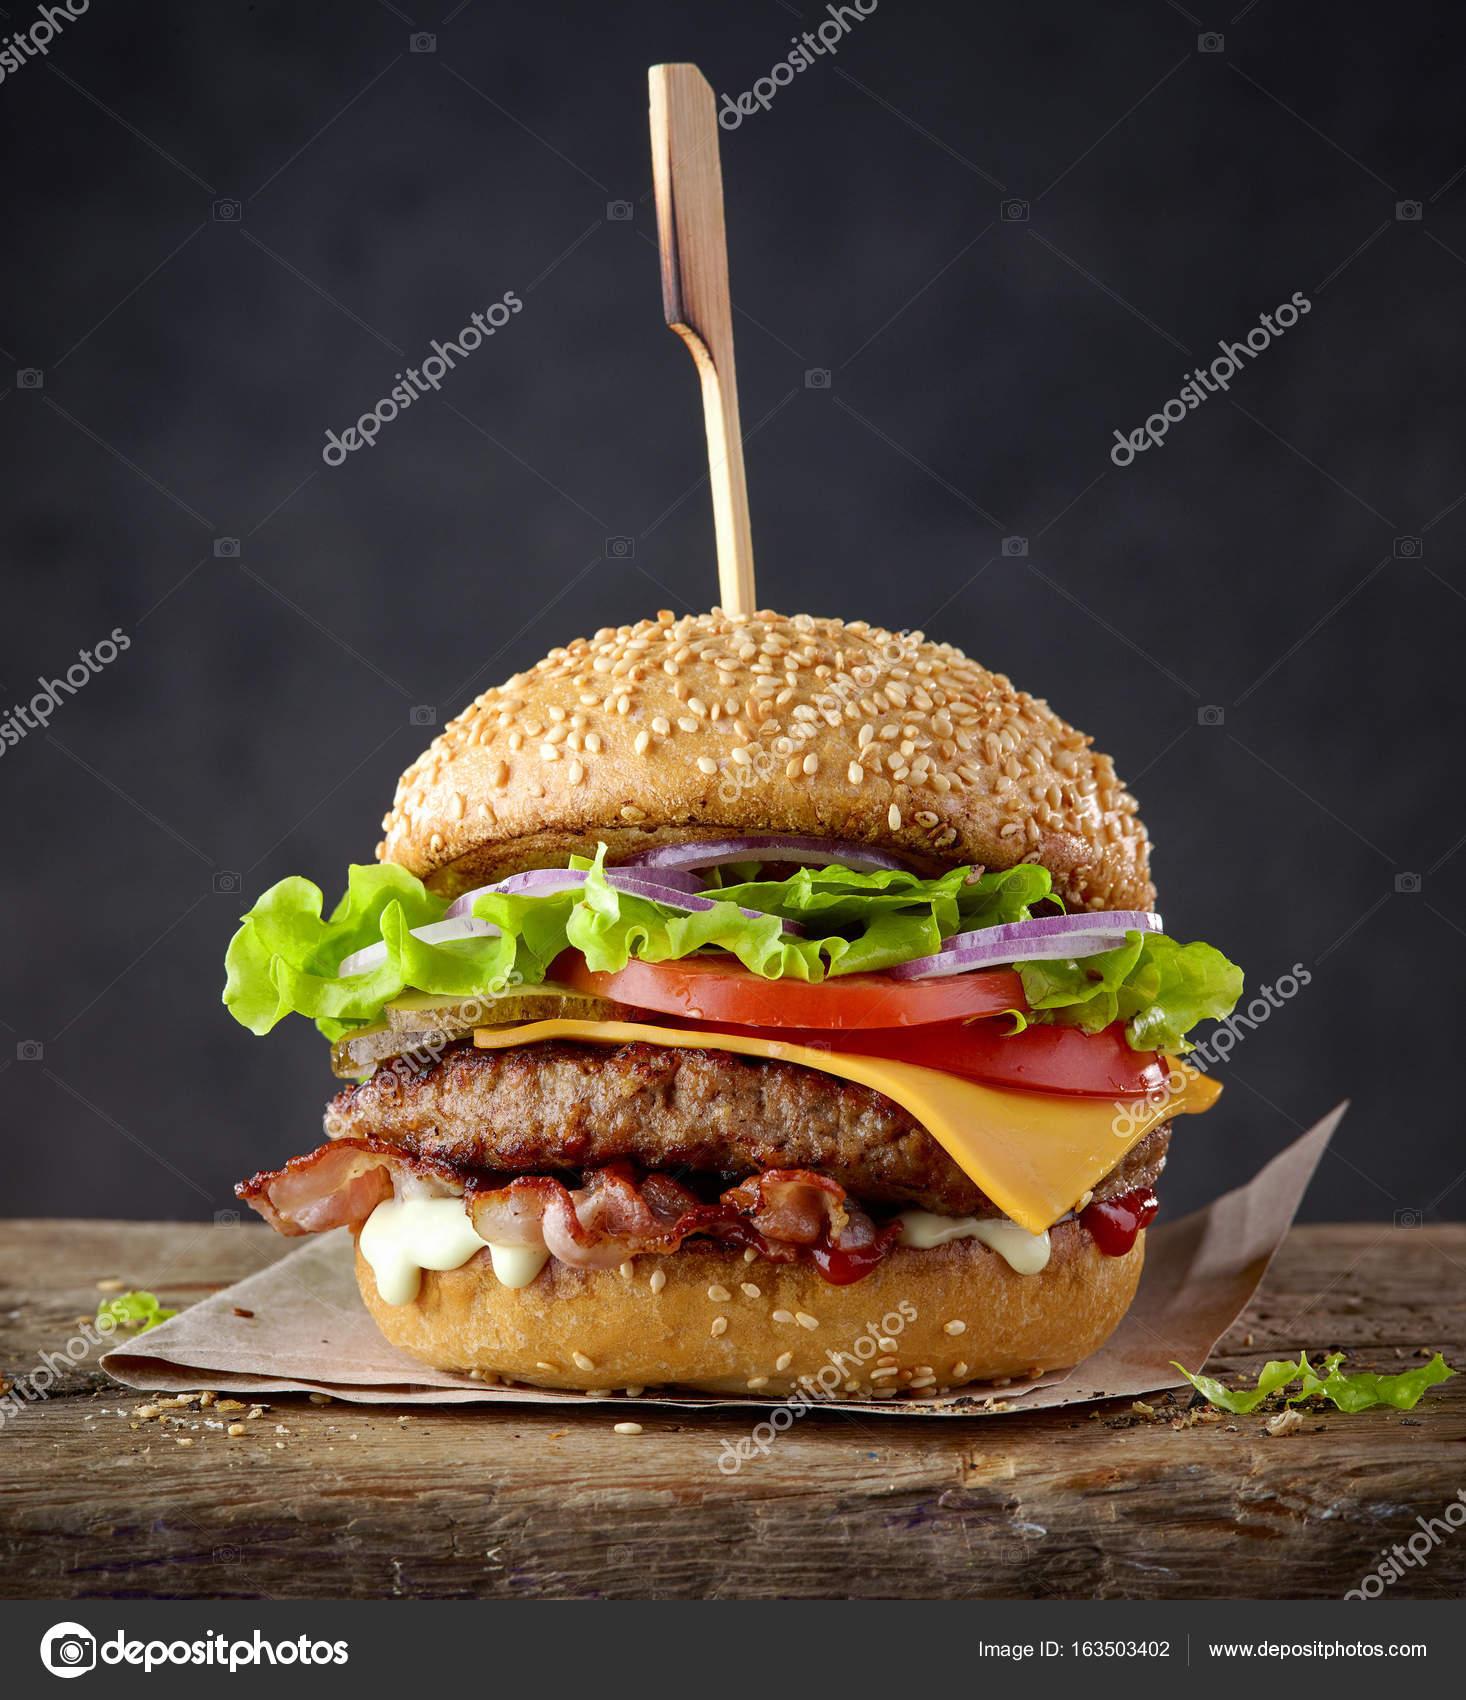 Обои котлета, Сэндвич, hamburger, Meat, Гамбургер, tomatoes, салат, булочка, Fast food, картошка фри, фастфуд, соус. Еда foto 14